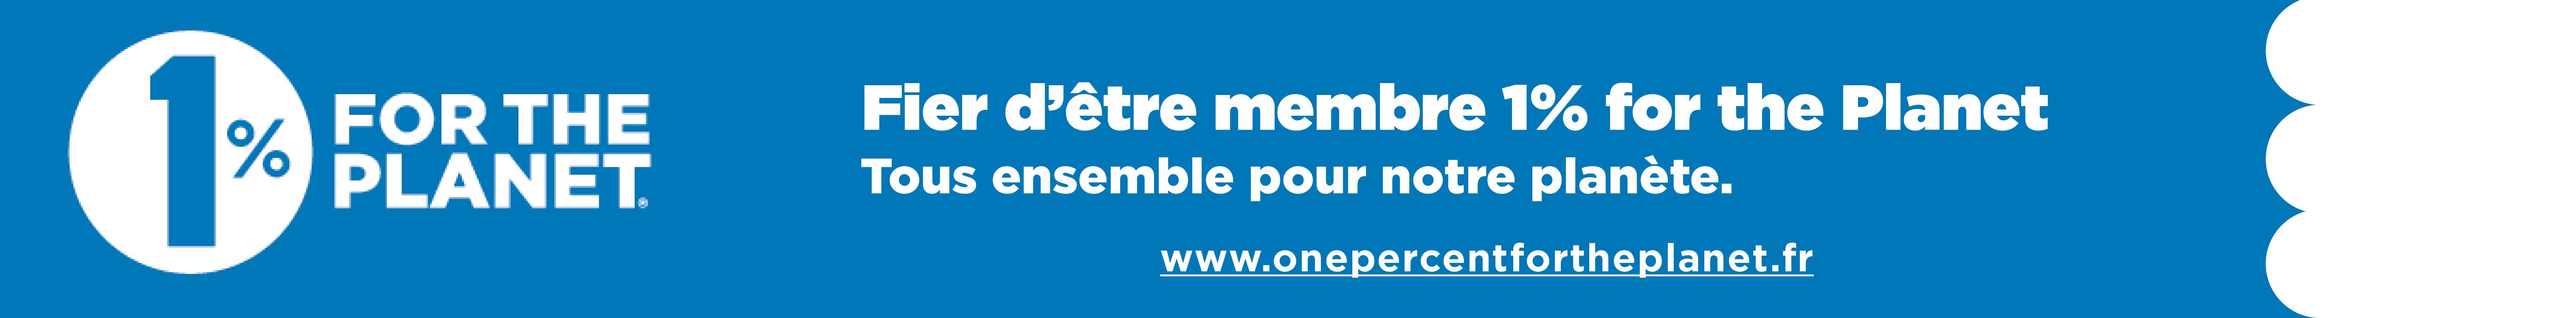 Fier membre Tous ensemble fond bleu - Pour nourrir demain rejoint 1% for the Planet